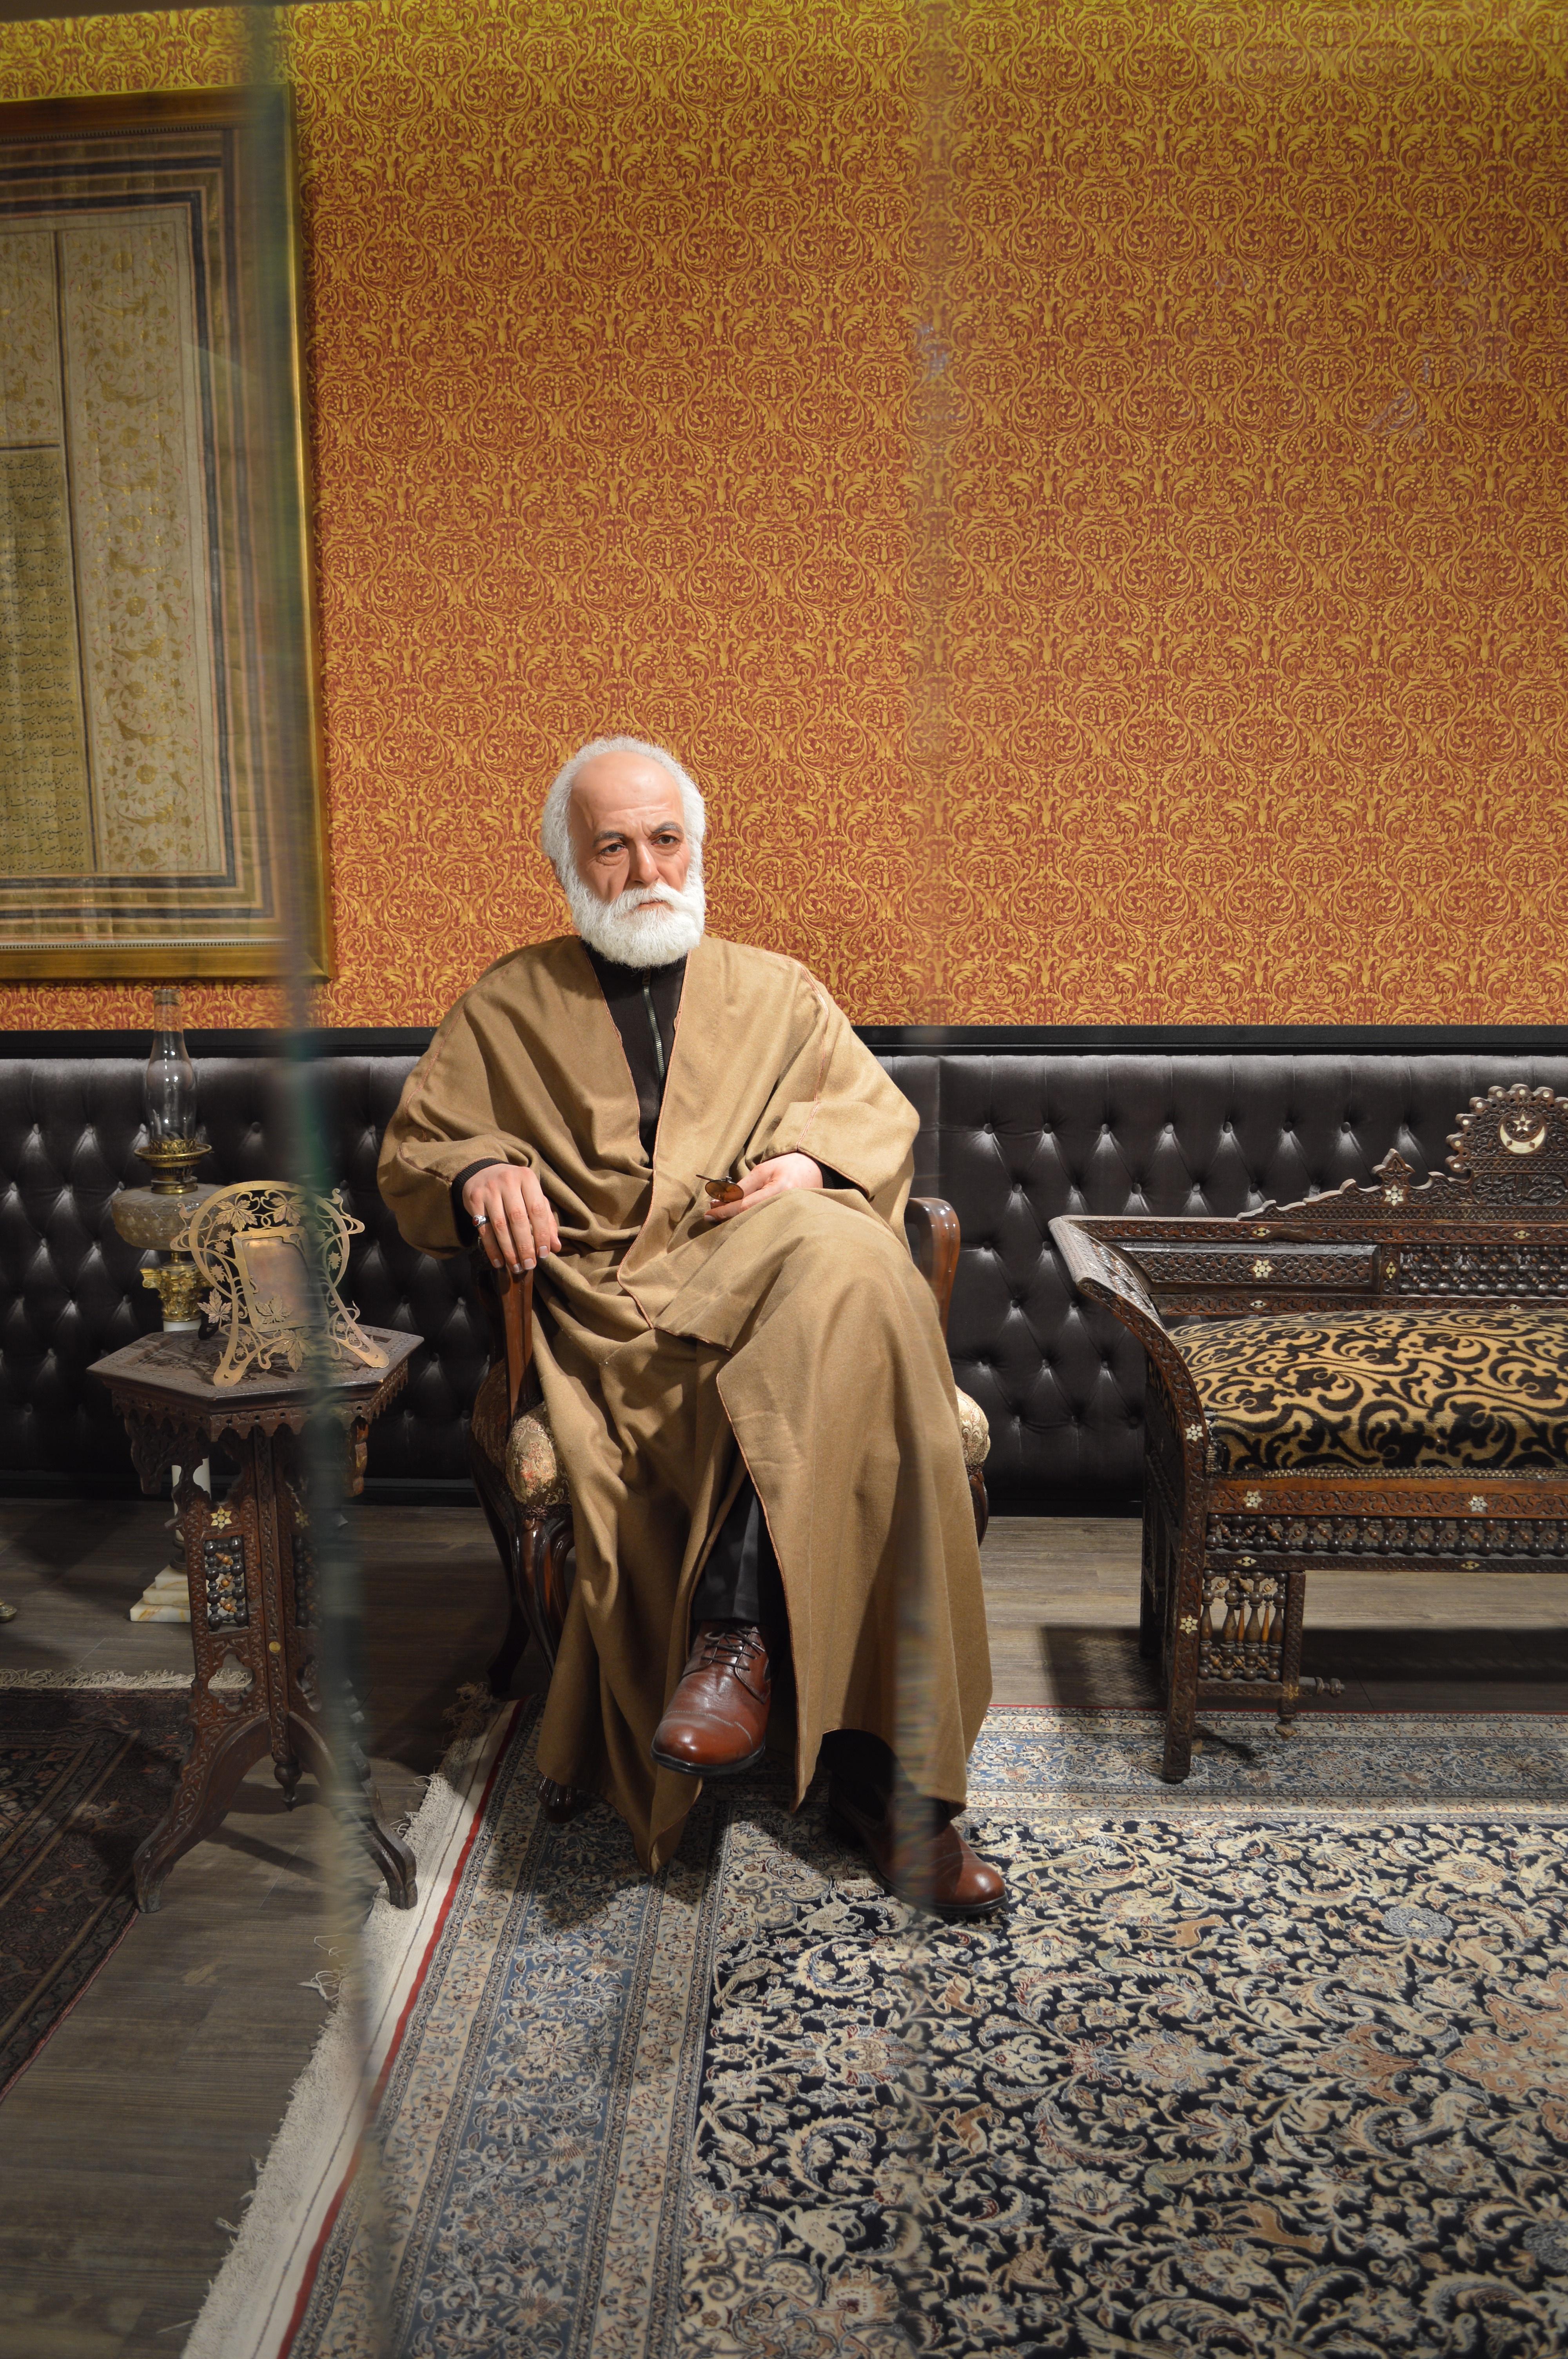 نمایشگاه دائمی حاج حسین آقا ملک(مجسمه حاج حسین آقا ملک)